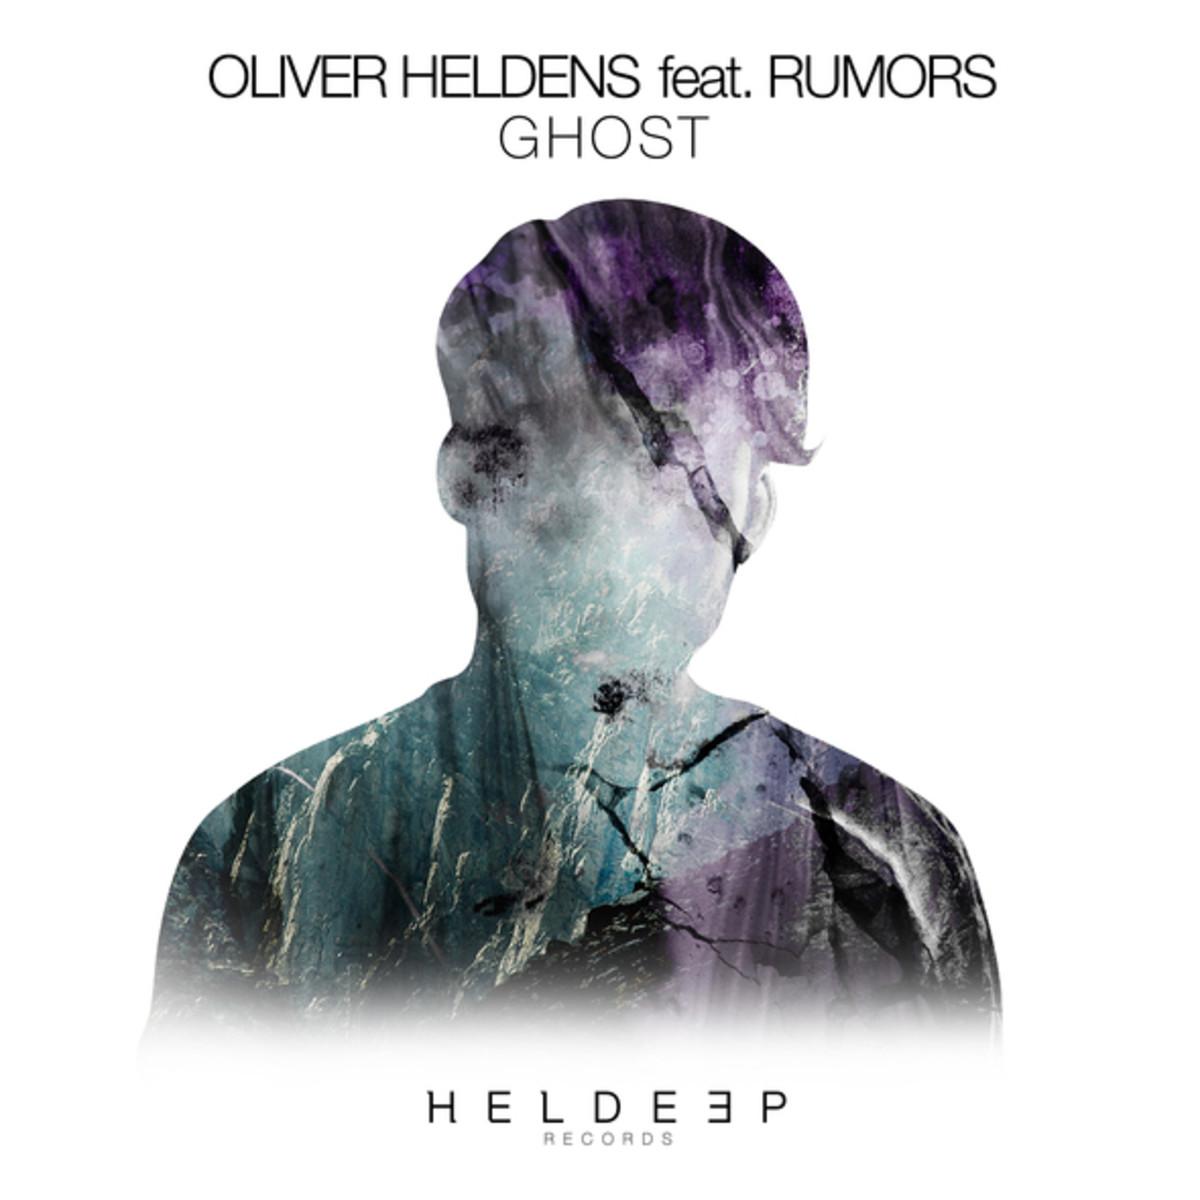 Oliver Heldens Ghost